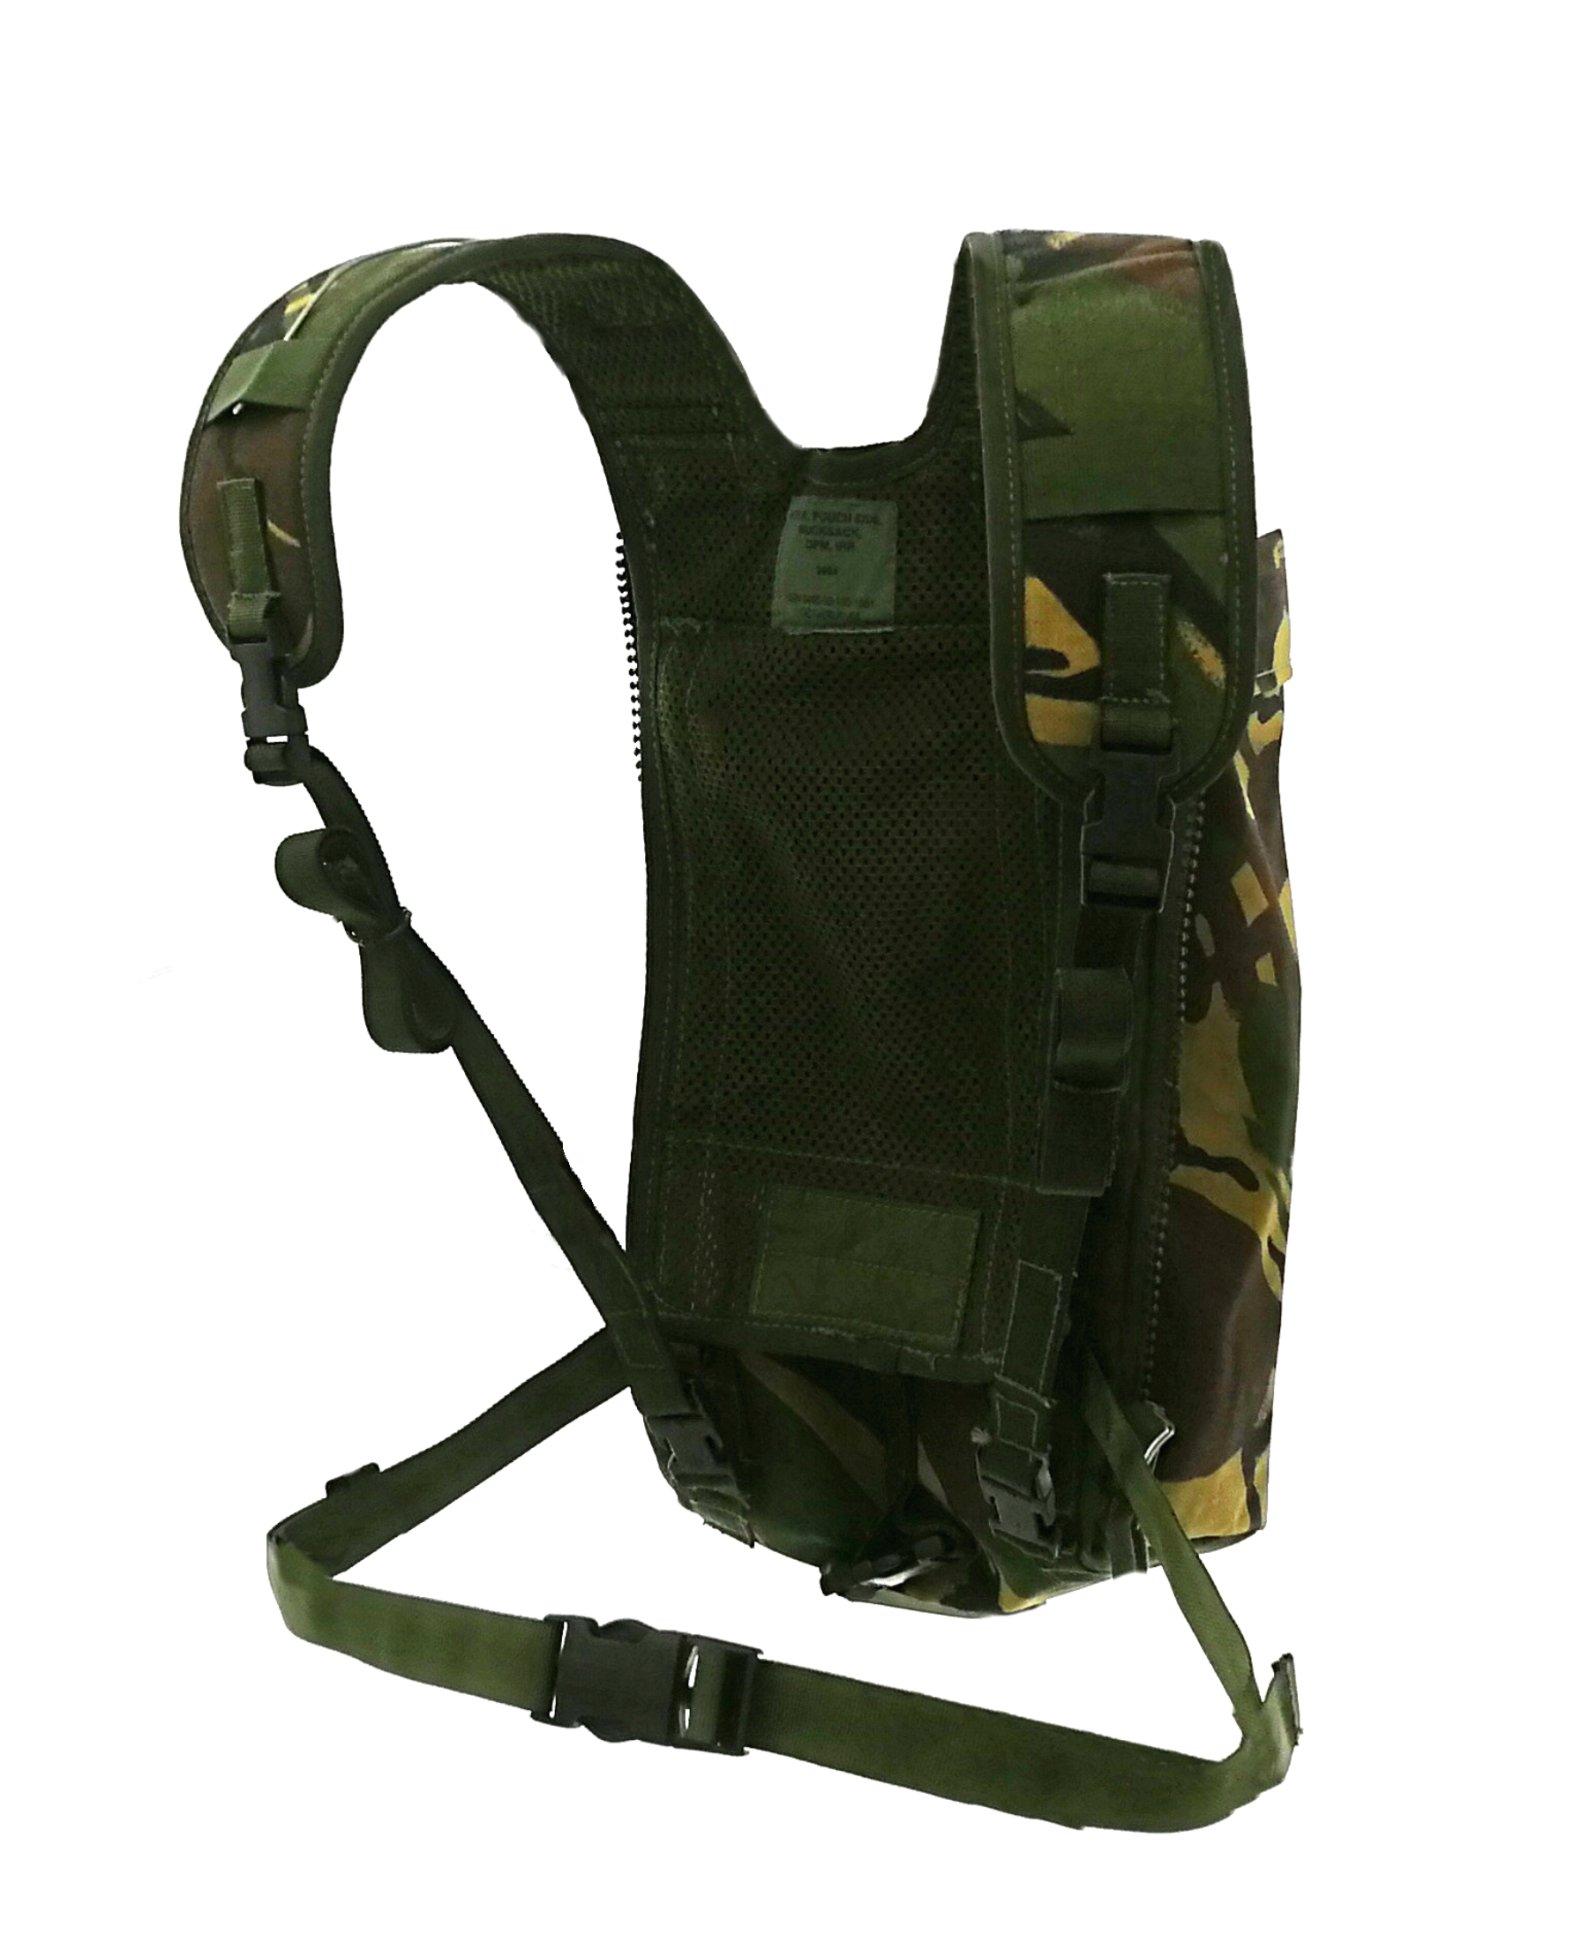 oryg. wojskowy plecak szturmowy SIDE POUCH DPM US